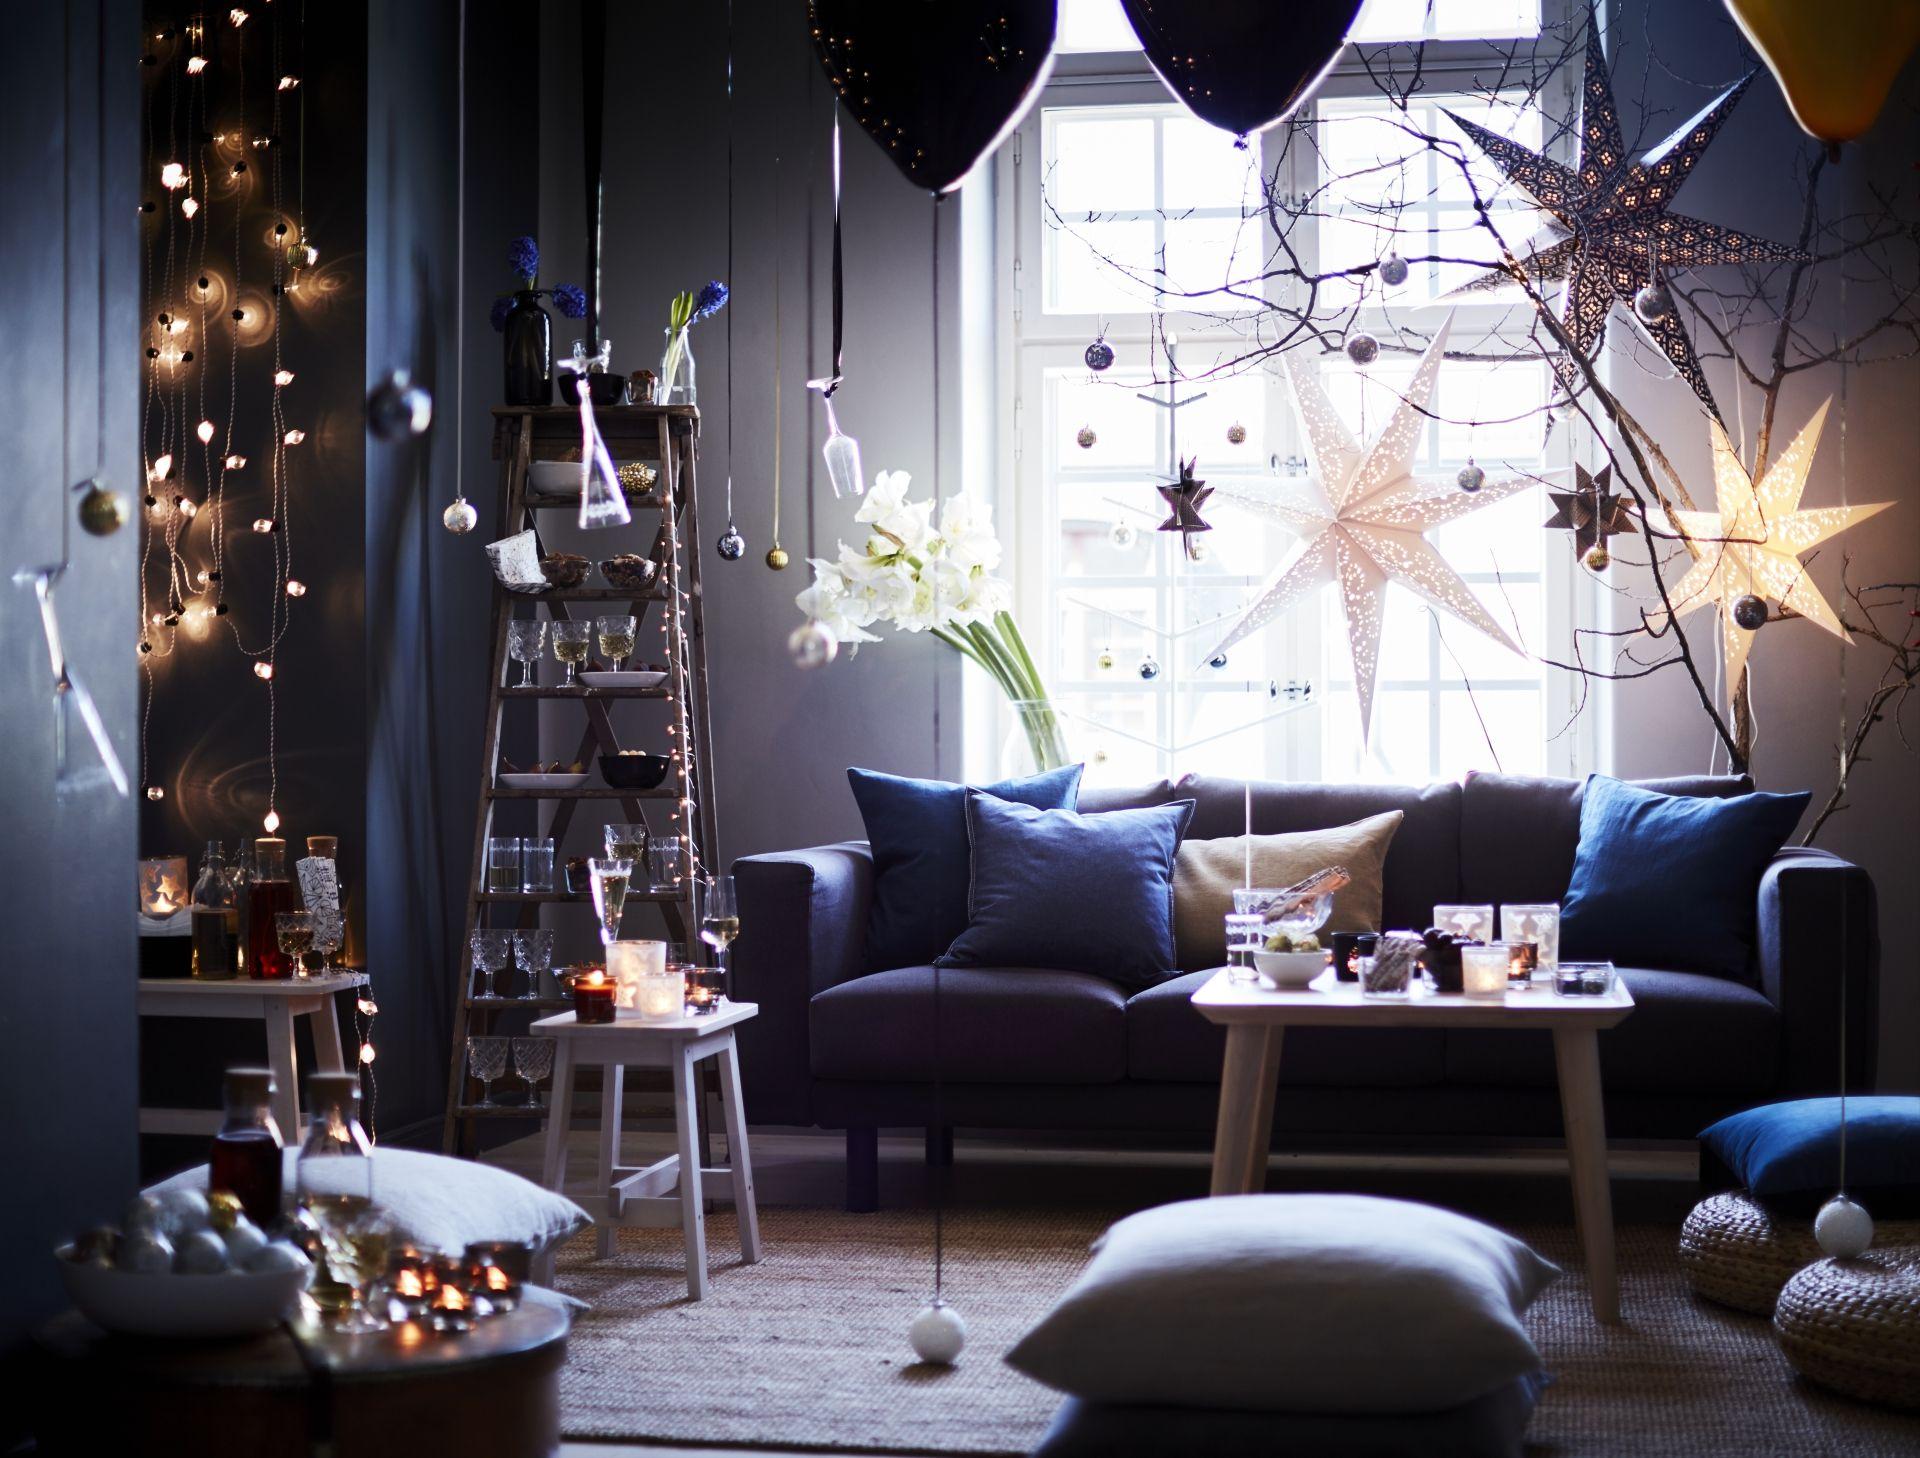 vinter 2016 collectie ikea ikeanl kerst zwart wit goud knutselen diy eten hout decoratie recepten diner brocante scandinavisch cadeautjes tafelversiering